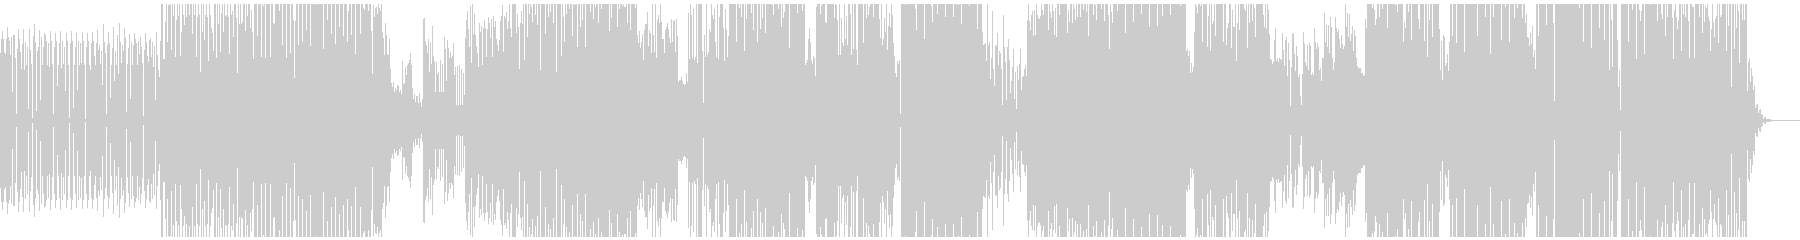 ハウストリップ。の未再生の波形